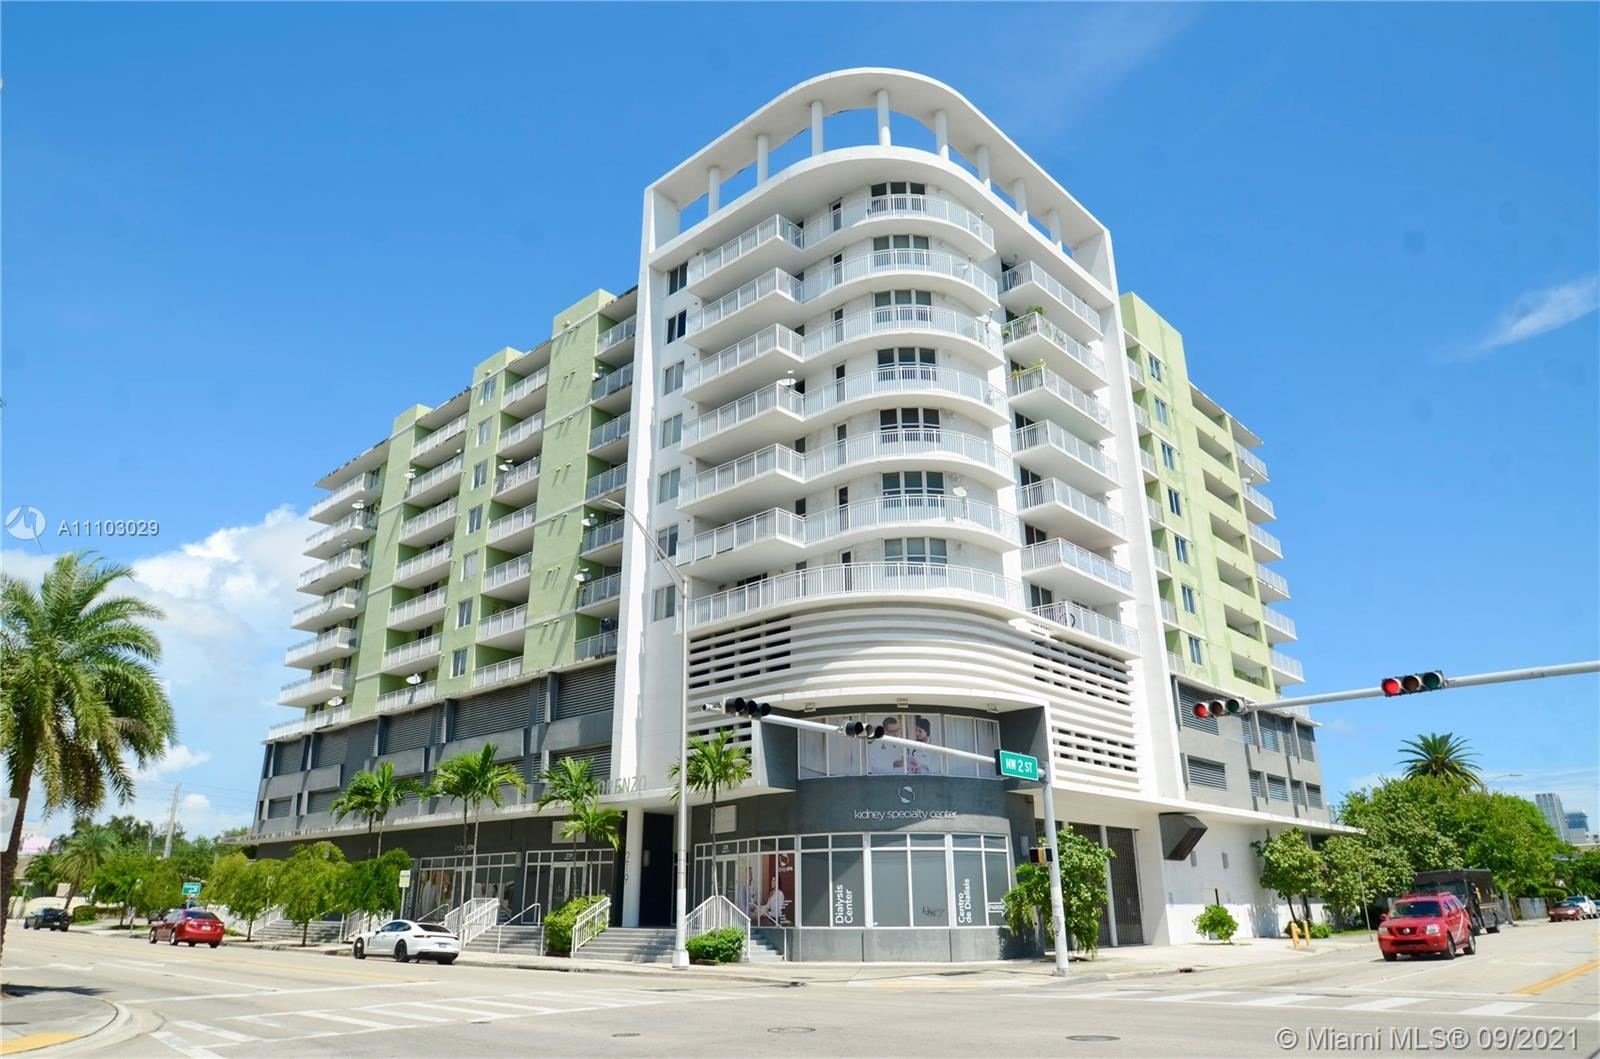 219 NW 12th Ave #1010, Miami, FL 33128 - #: A11103029